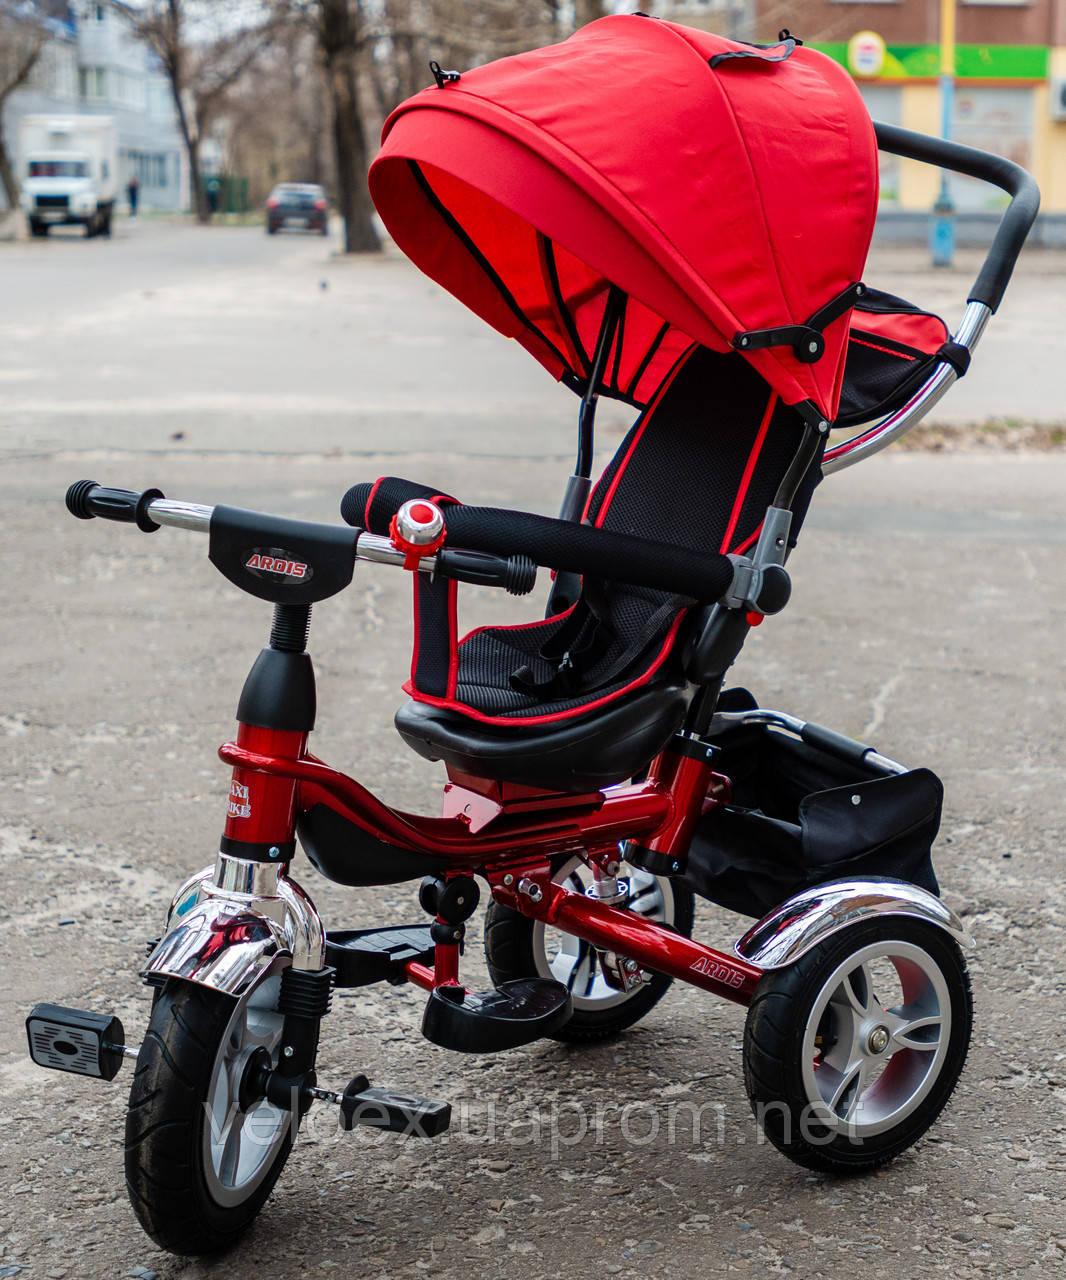 Велосипед Ardis Maxi Trike 002 с амортизатором красный